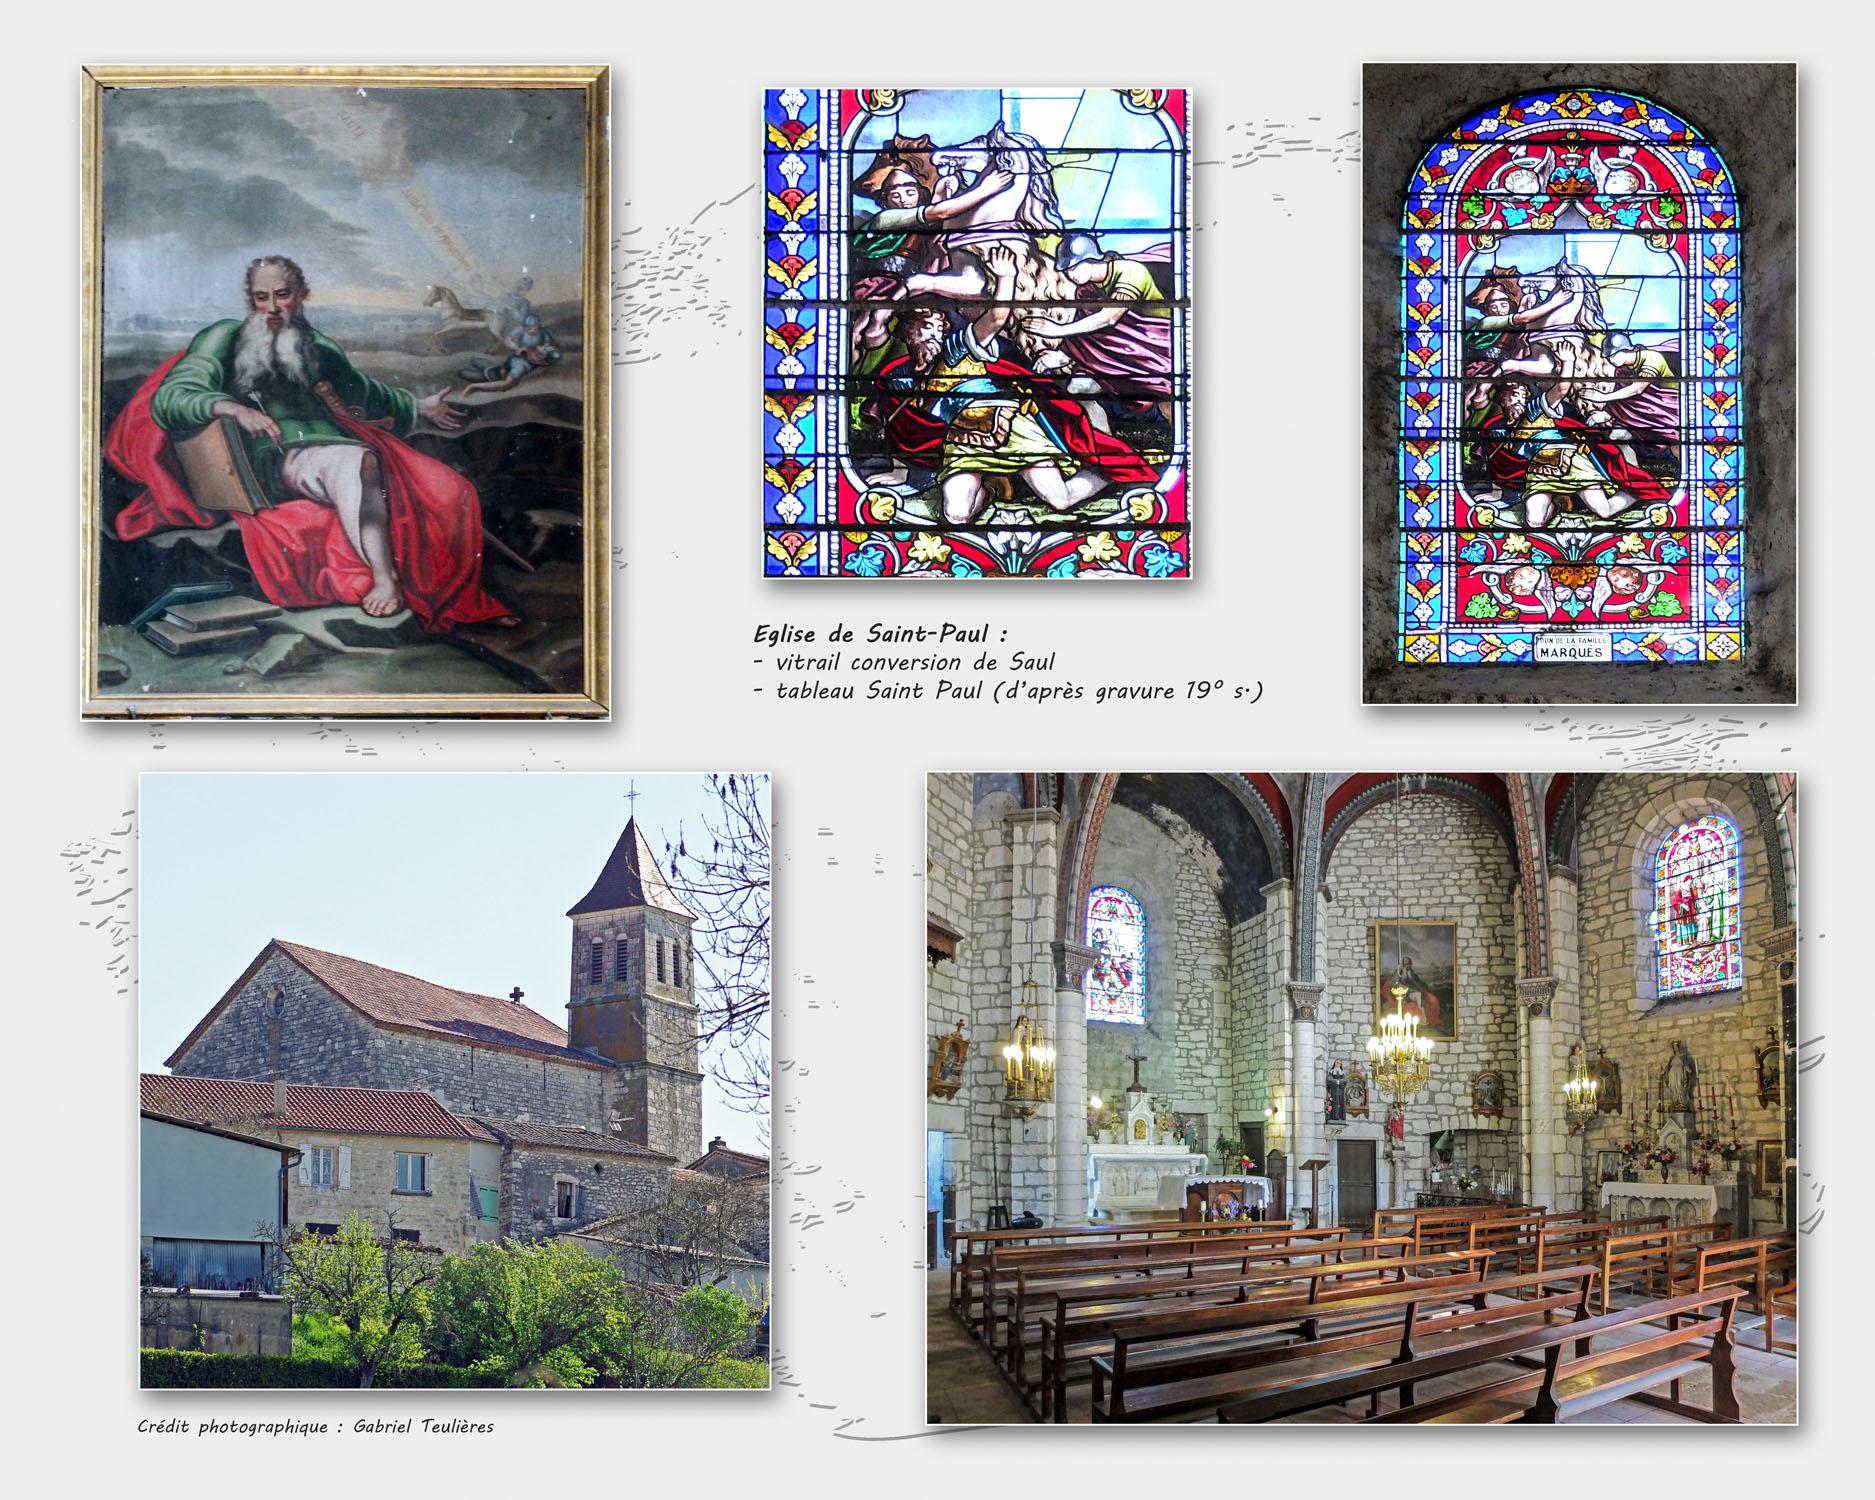 Eglise de Saint Paul (2)